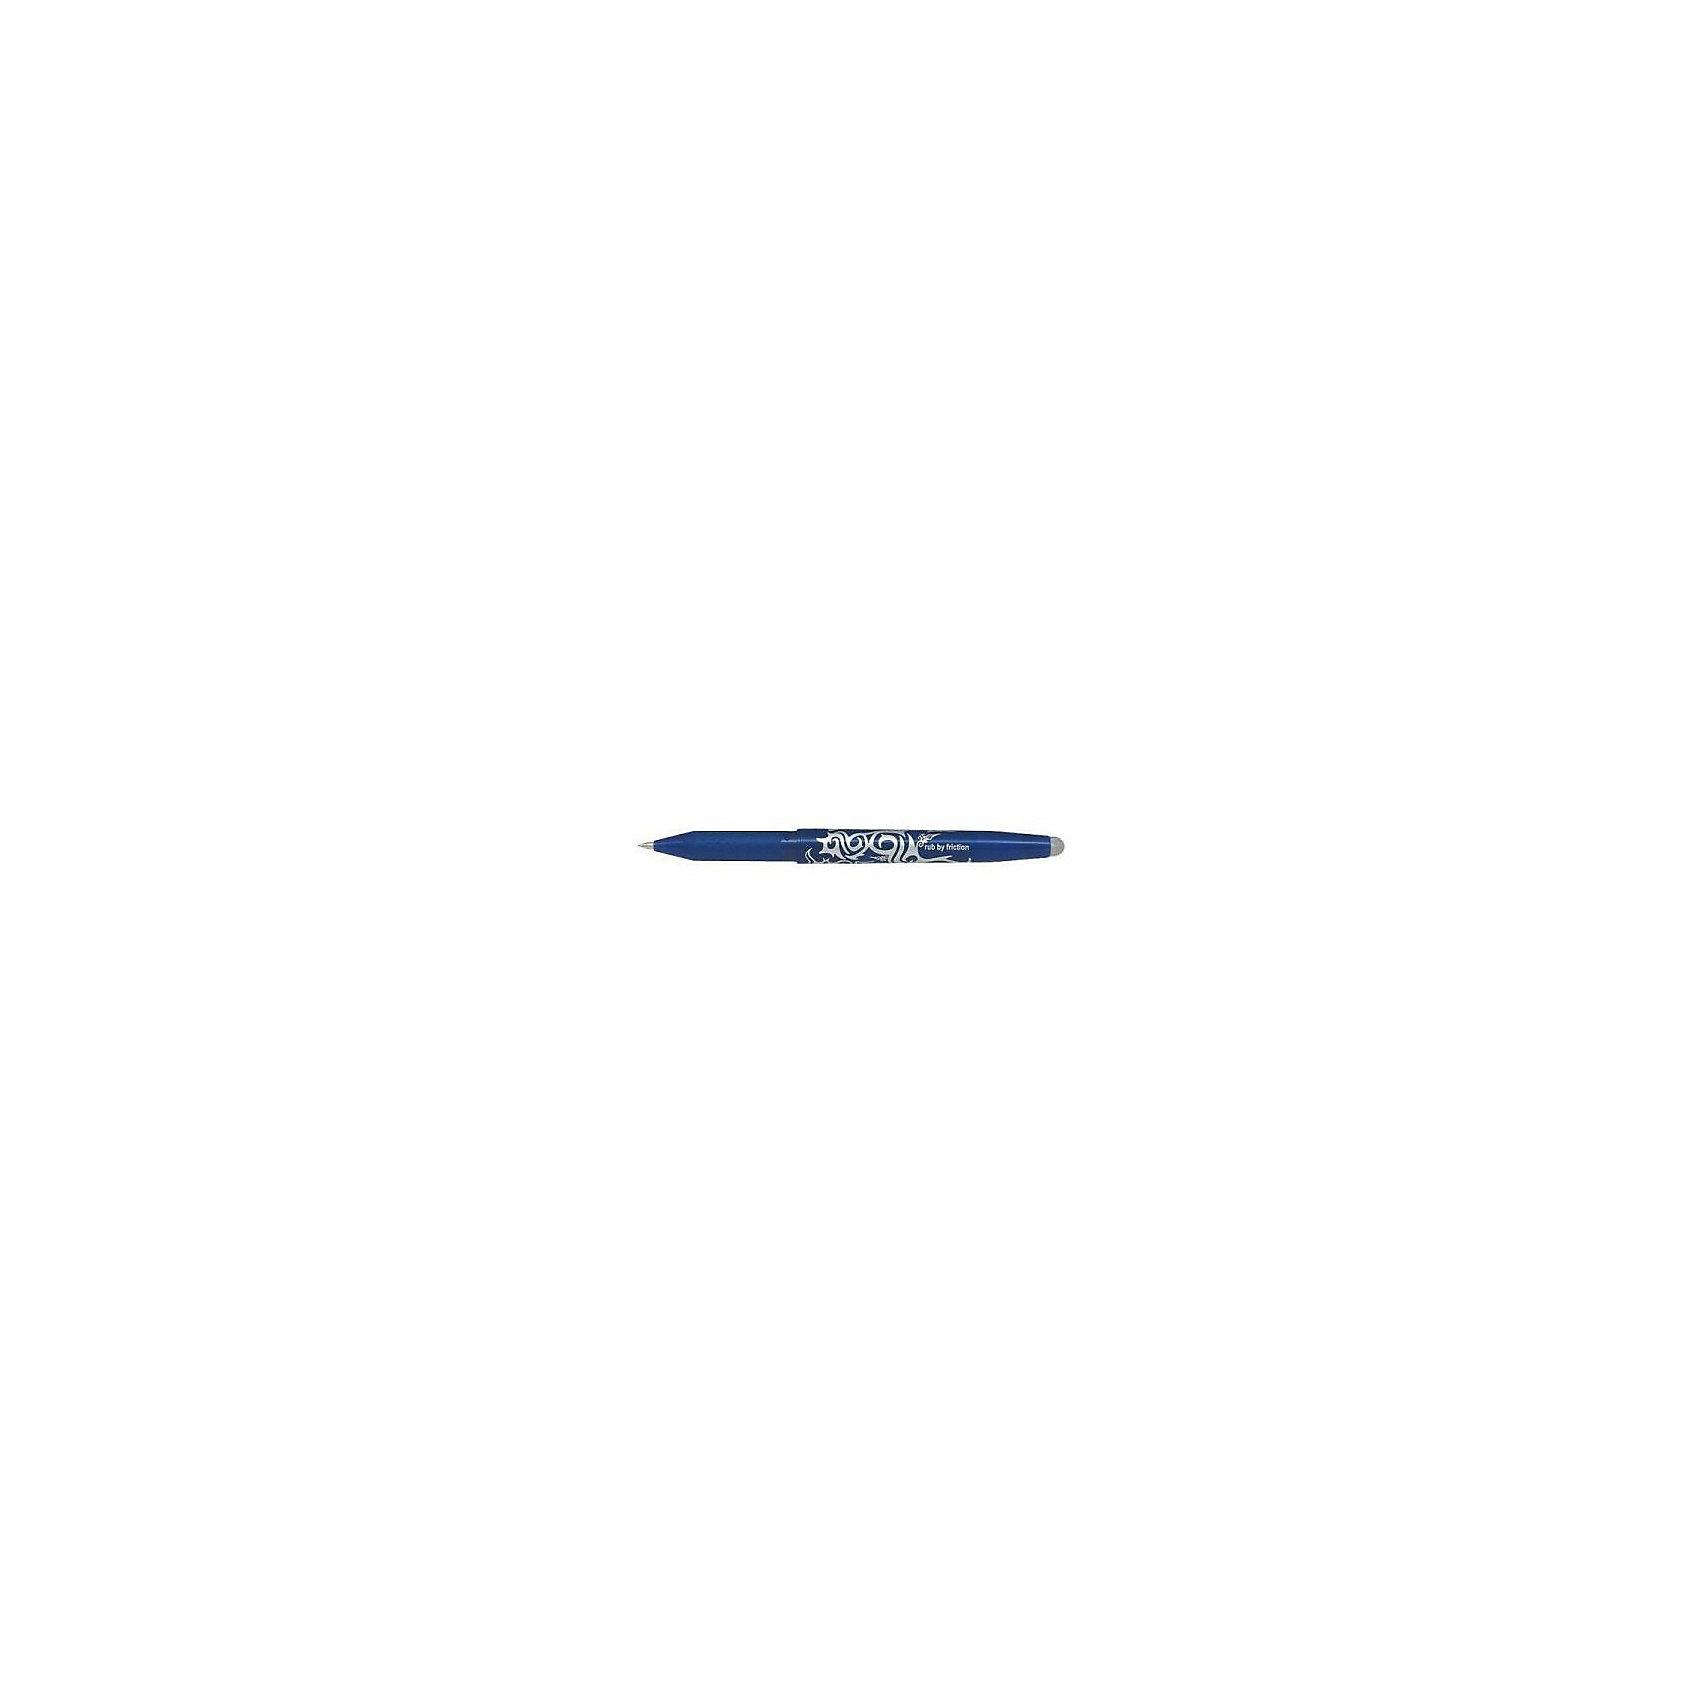 """Гелевая ручка Пиши-стирай, синяя, Frixion ProМистические чернила ручки """"Frixion"""" не исчезают и не стираются, а становятся бесцветными под воздействием температуры путем стирания резинкой, встроенной в ручку, или при нагревании листа бумаги выше +60 °С. Написанное можно восстановить при температуре ниже -18 °С. <br>Ваш ребенок будет в восторге от таких чудес!<br><br>Дополнительная информация: <br><br>- Цвет чернил - синий.<br>- Толщина письма - 0,35 мм.<br>- Диаметр шарика - 0,7 мм.<br>- Контактная зона для пальцев из мягкой резины с тиснением.<br>- Размер упаковки: 14,5х1,1х1,5 см.<br>- Вес в упаковке: 12 г.<br><br>Гелевую ручку Пиши-стирай Frixion Pro в синем цвете,   можно купить в нашем магазине.<br><br>Ширина мм: 145<br>Глубина мм: 11<br>Высота мм: 15<br>Вес г: 12<br>Возраст от месяцев: 72<br>Возраст до месяцев: 2147483647<br>Пол: Унисекс<br>Возраст: Детский<br>SKU: 4792751"""